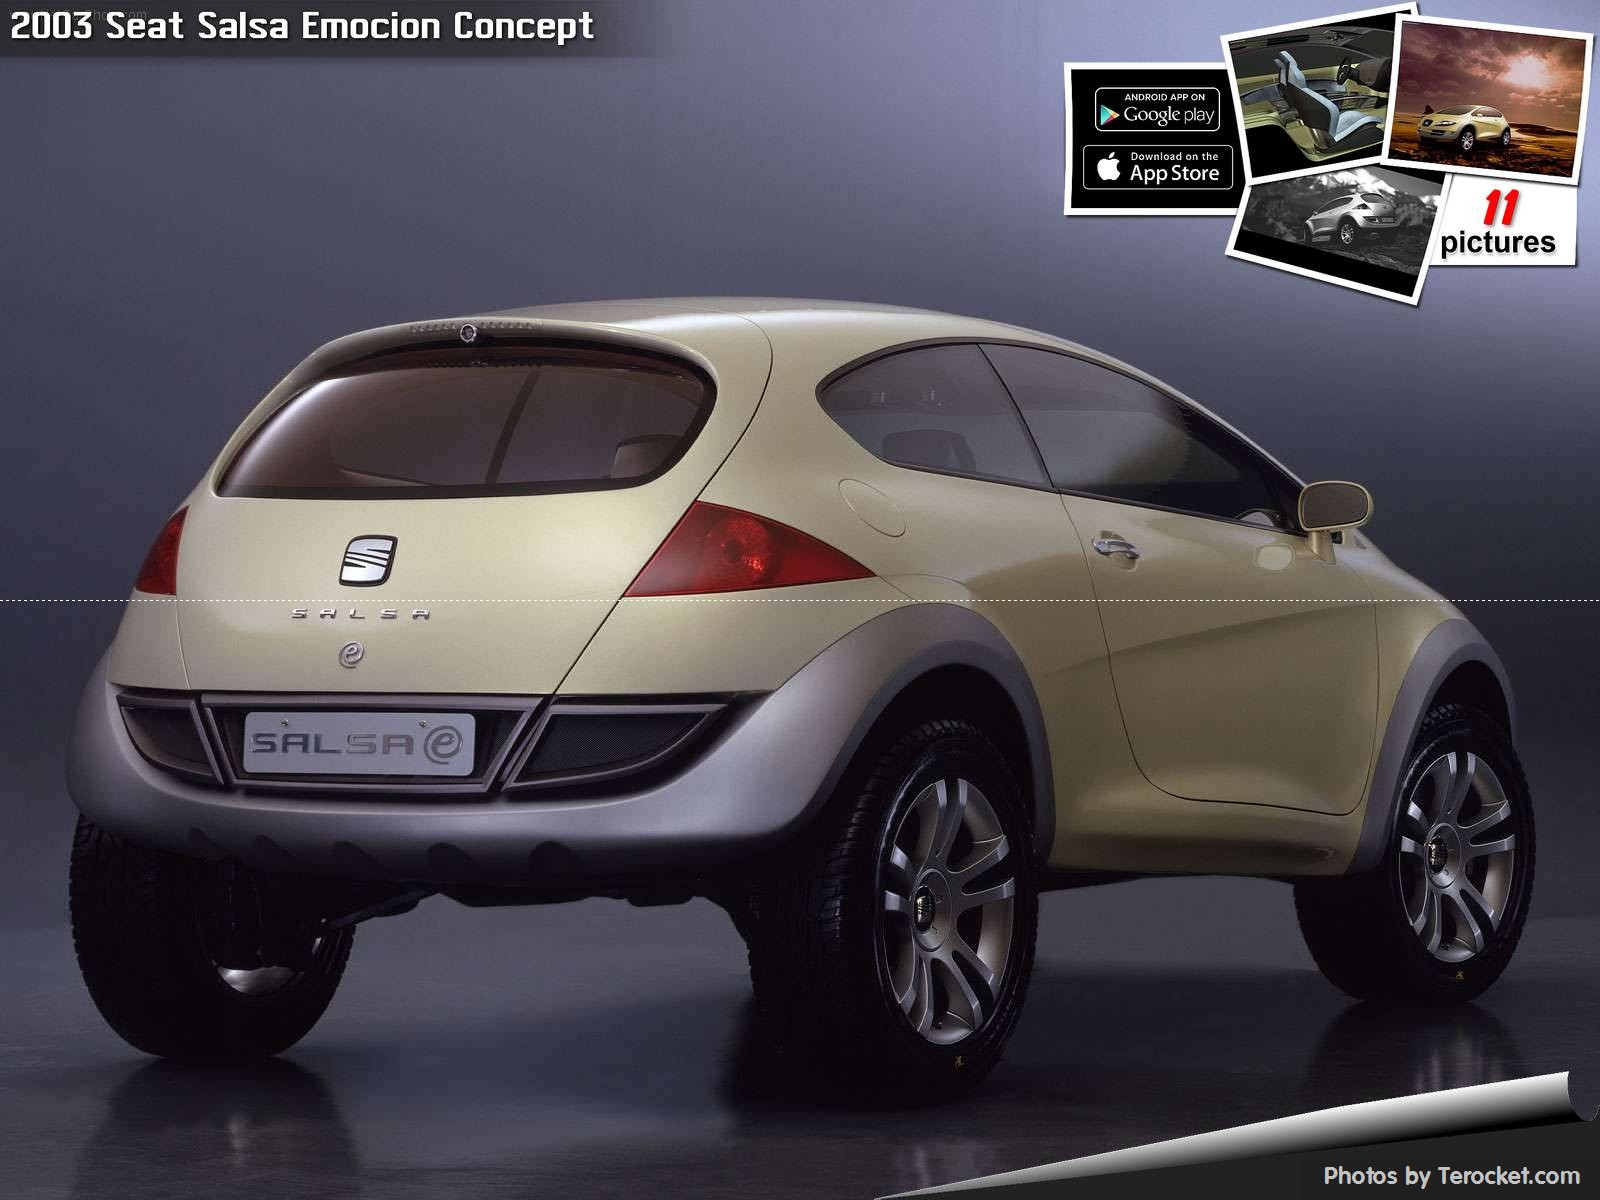 Hình ảnh xe ô tô Seat Salsa Emocion Concept 2003 & nội ngoại thất